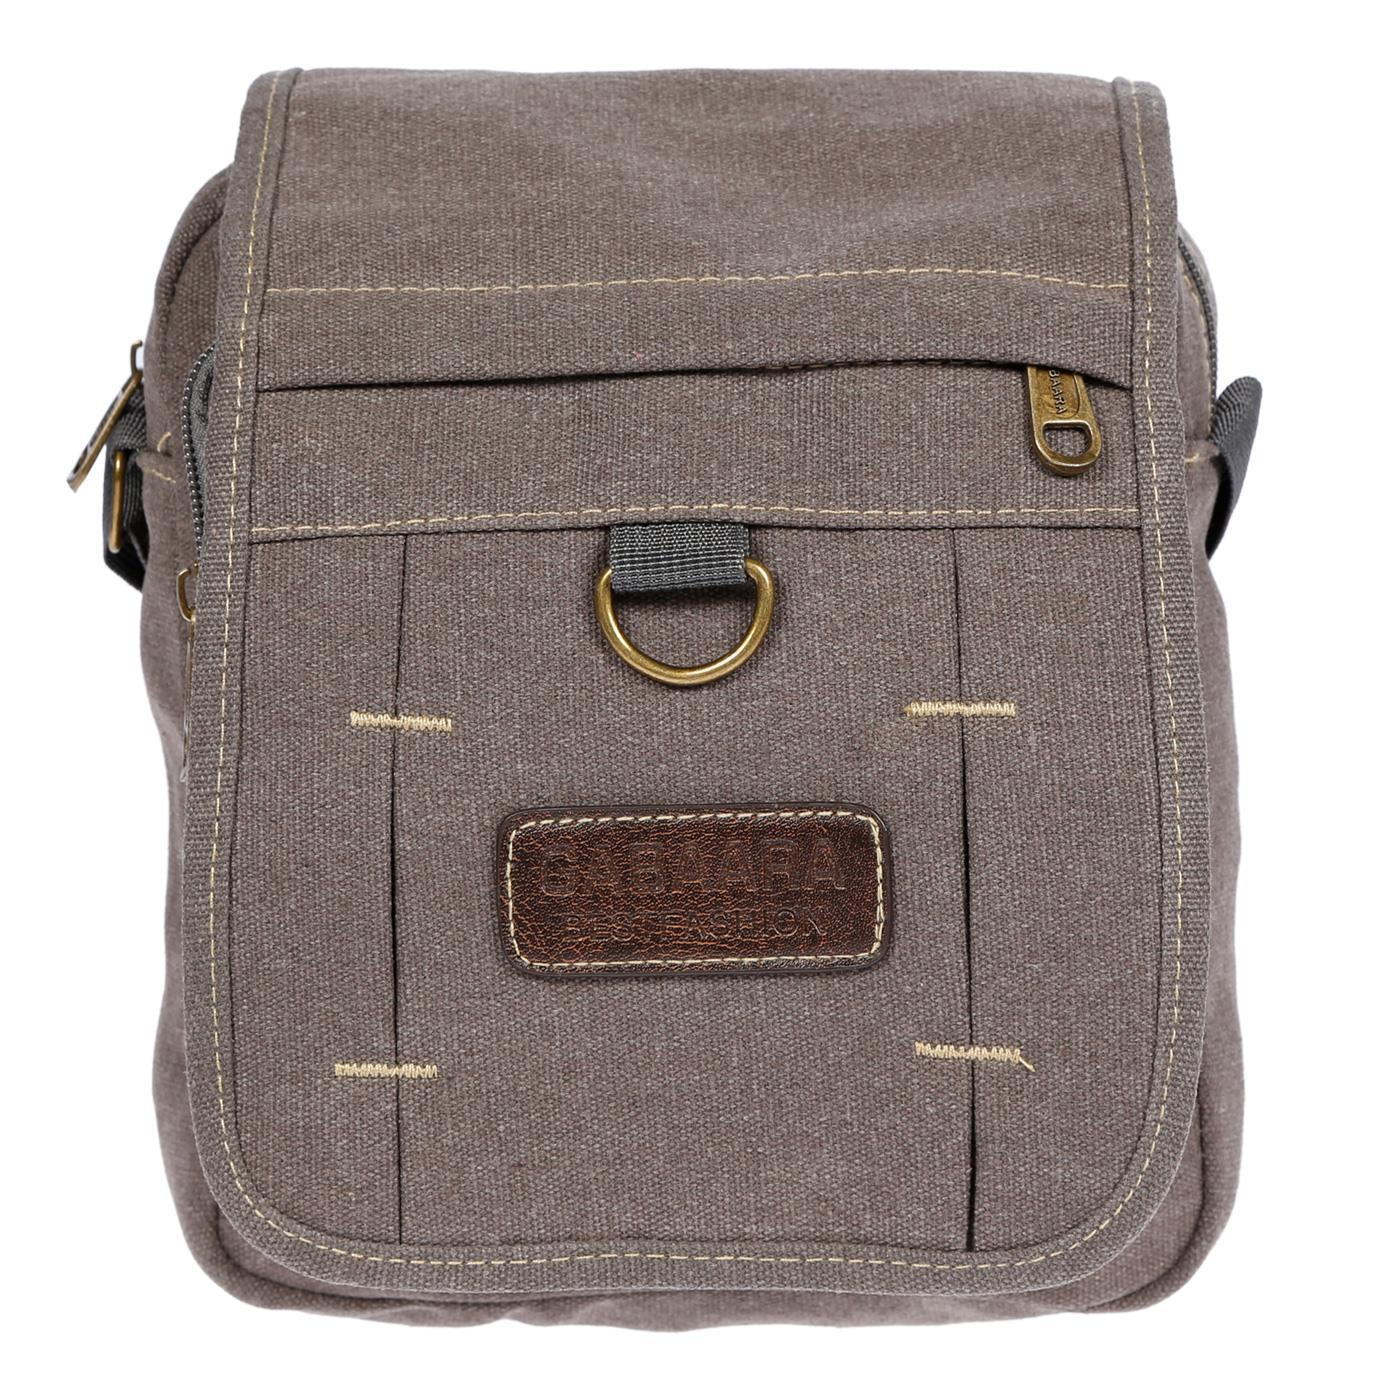 Damen-Herren-Tasche-Canvas-Umhaengetasche-Schultertasche-Crossover-Bag-Handtasche Indexbild 17